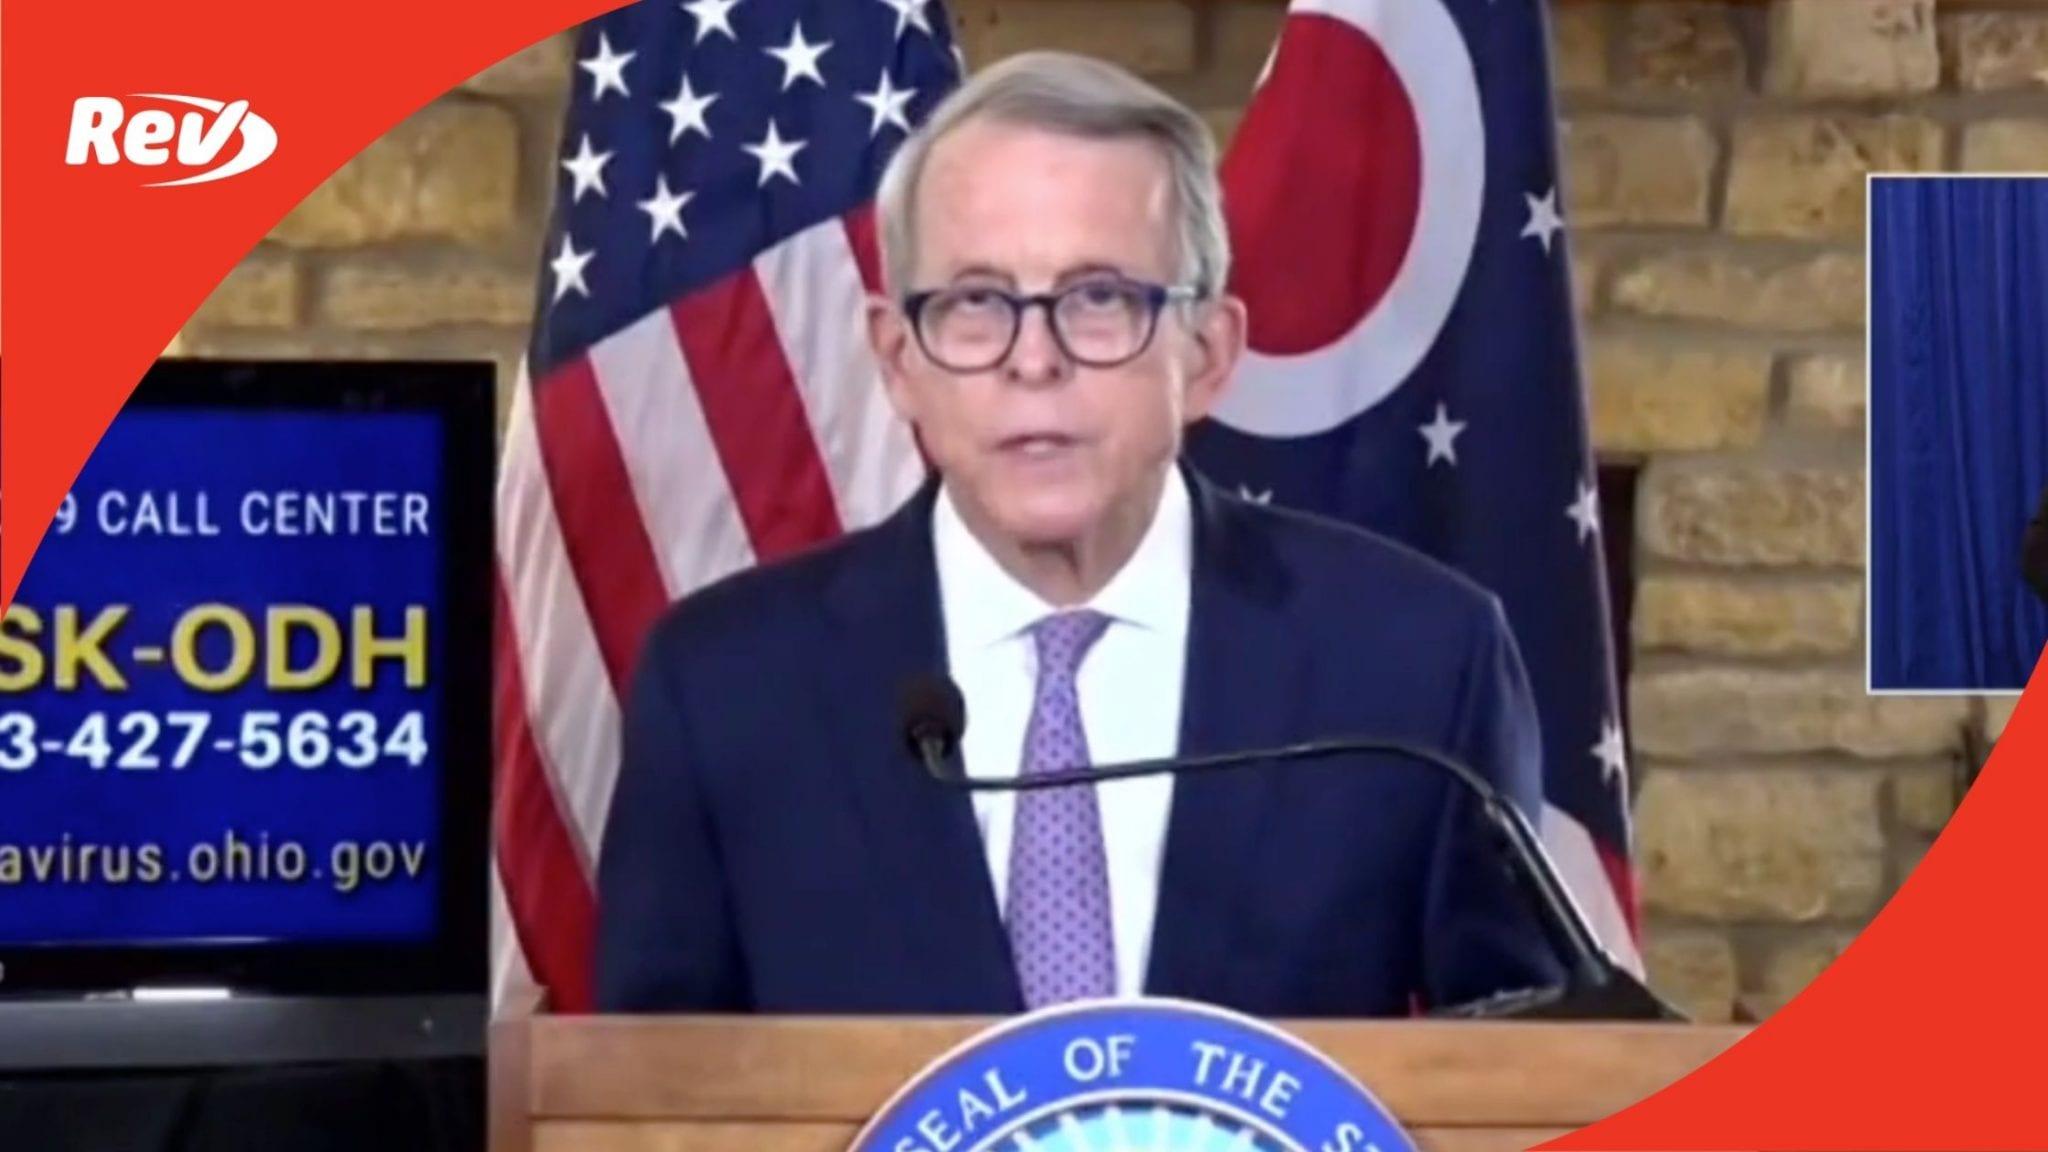 Ohio Gov. Mike DeWine COVID-19 Press Conference Transcript March 1